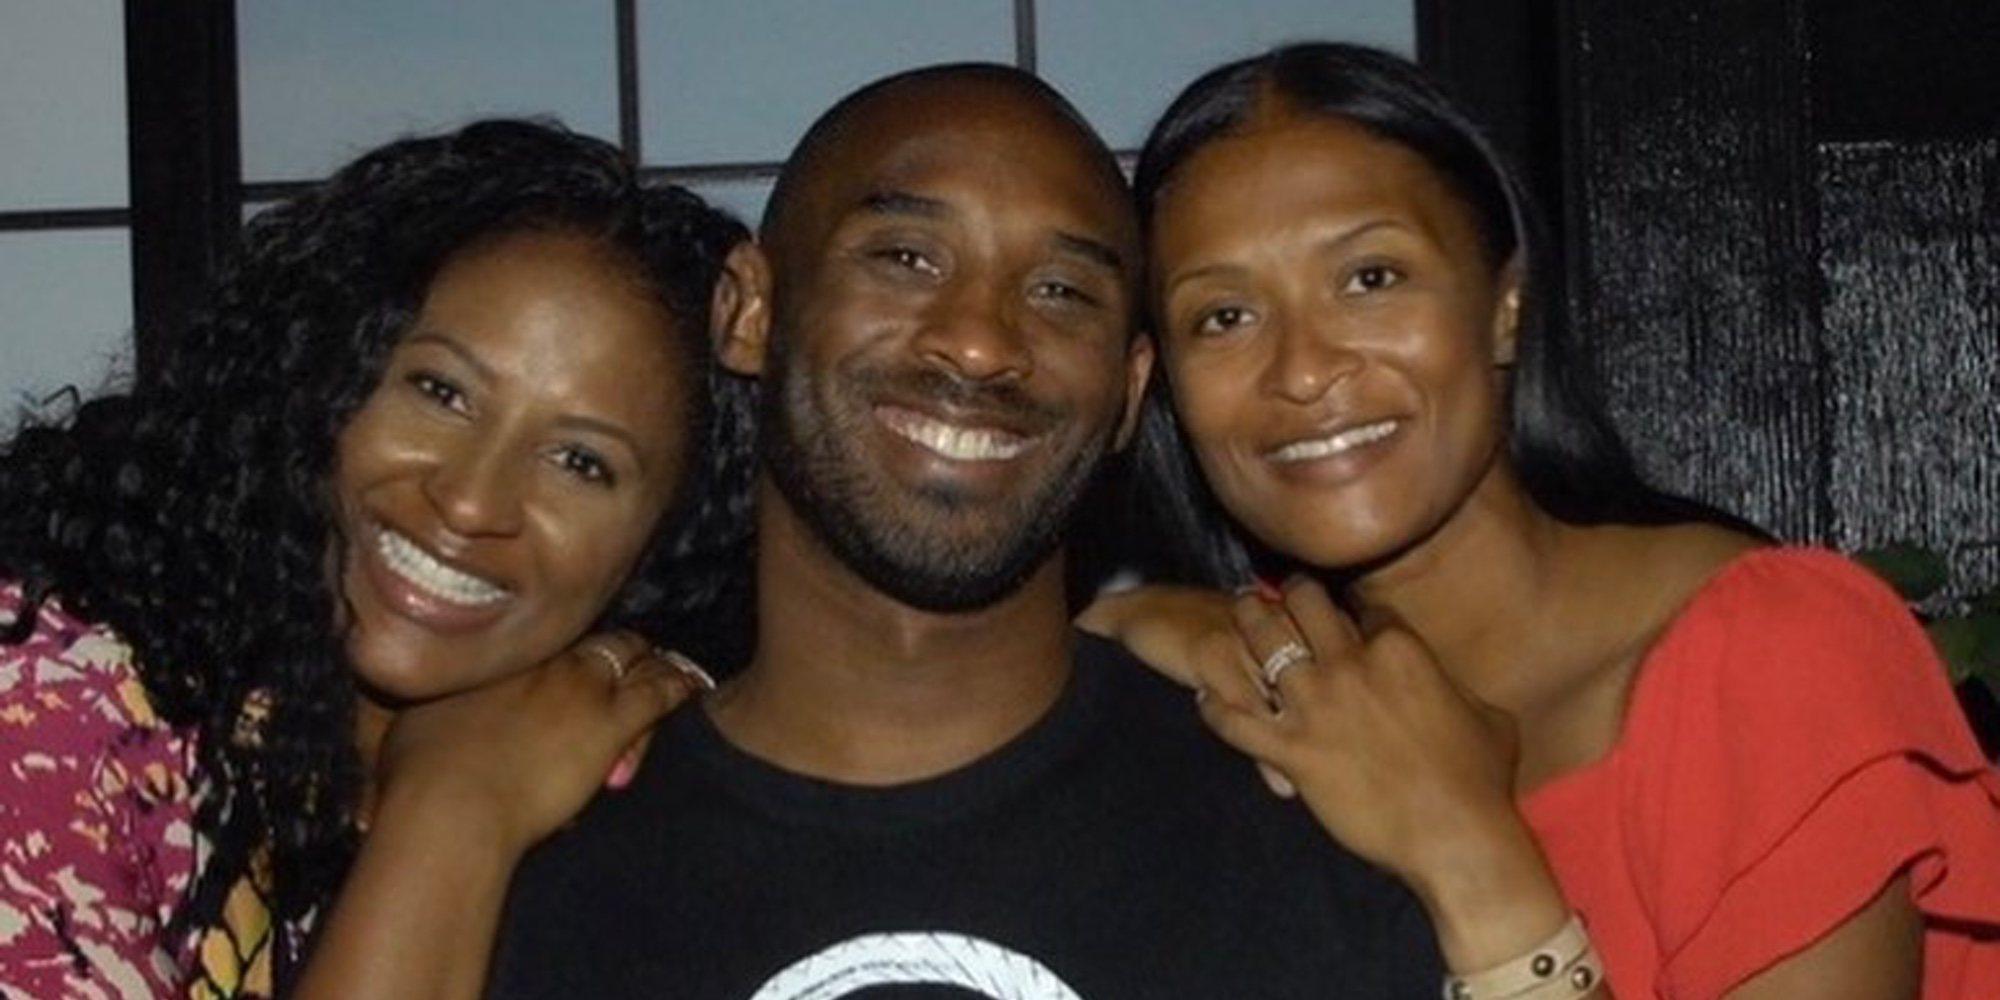 La hermana de Kobe Bryant se tatúa en memoria del exjugador y de su sobrina fallecidos